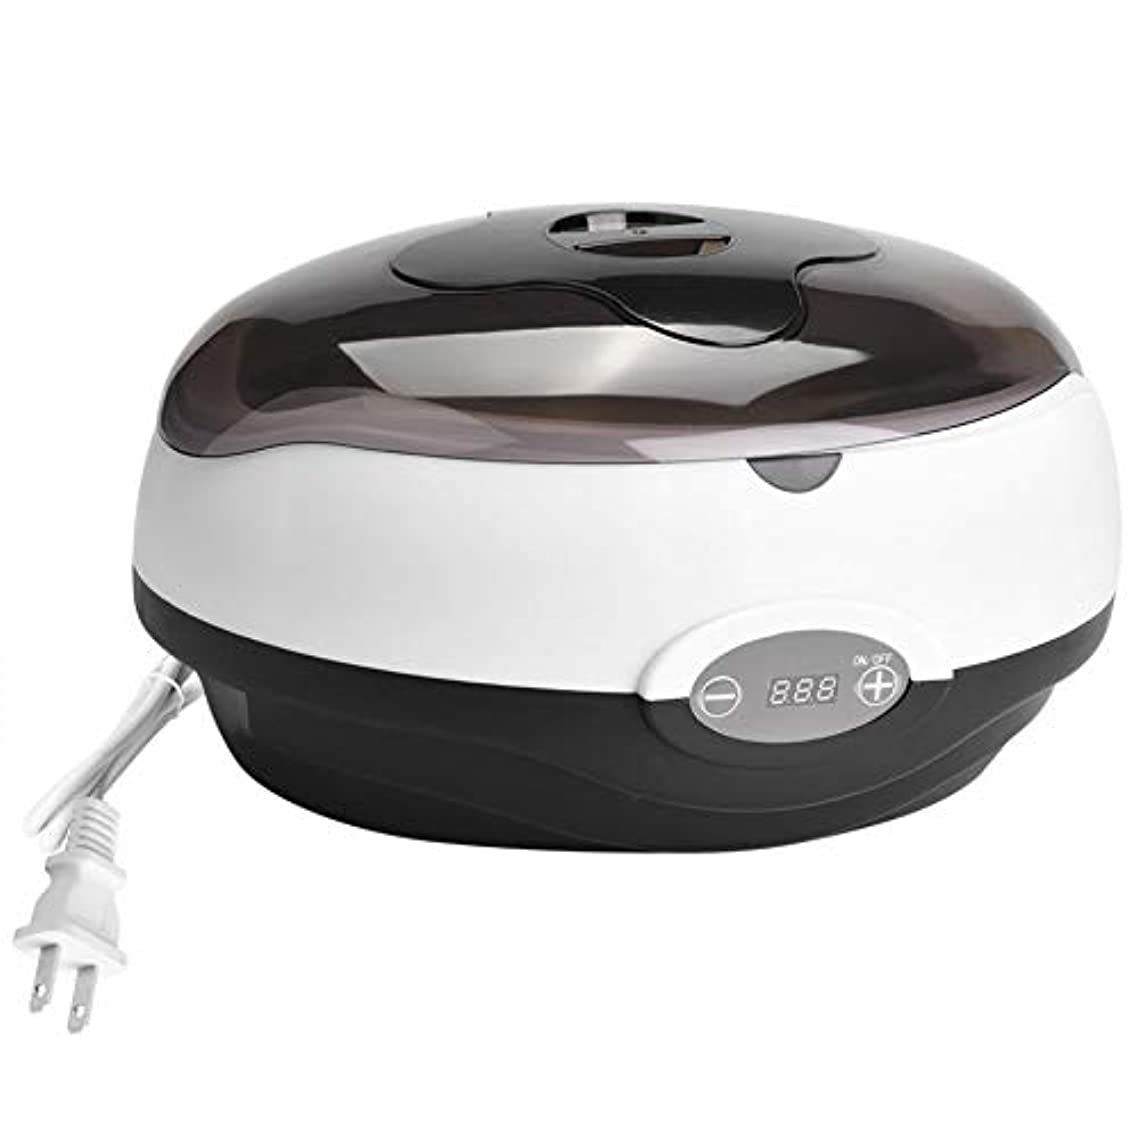 人形疾患氏200ワット2.8リットル110/220ボルト調節可能な温度制御ヒーター世帯ワックスヒーター溶融ハンドワックス加熱機温度制御